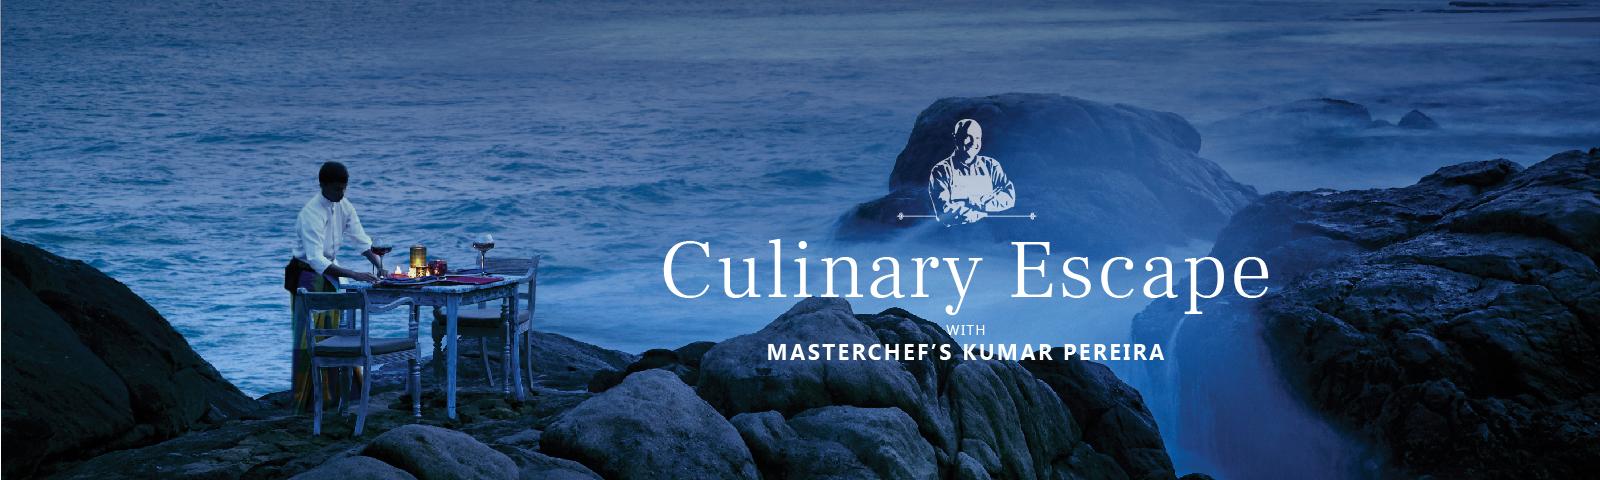 Culinary Escape with Masterchef's Kumar Pereira.